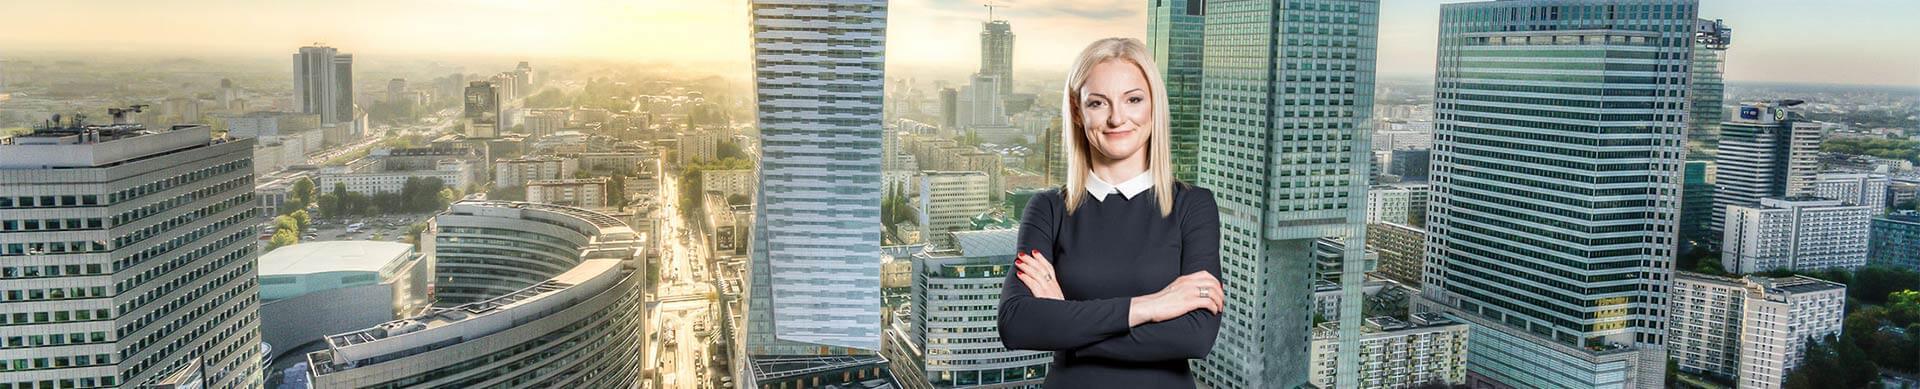 Kancelaria Biegłego Rewidenta Iwona Naumczyk | Audyt | Doradztwo | Biuro Rachunkowe | Kontroling